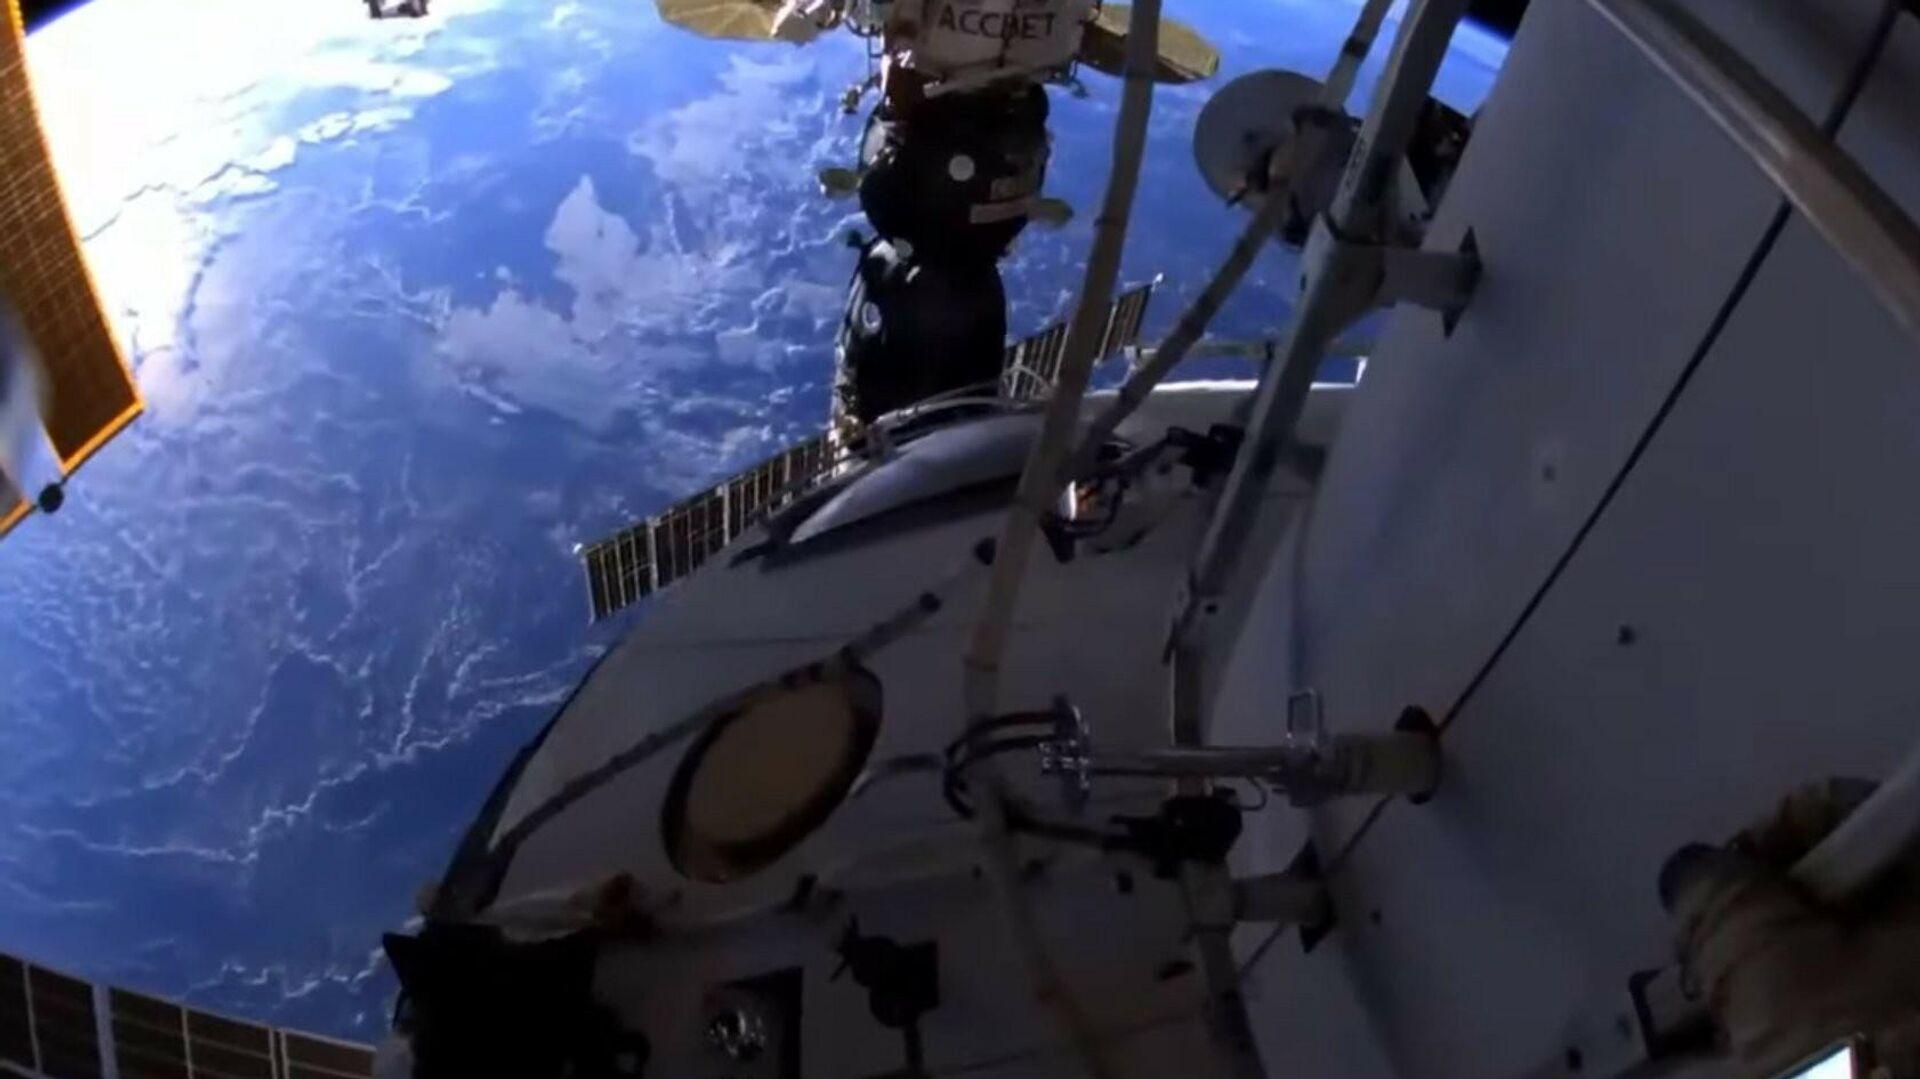 Rus kozmonotlar Oleg Novitsky ve Pyotr Dubrov, Rusya'nın Uluslararası Uzay İstasyonu'ndaki (ISS) Nauka modülündeki çalışmalar için uzay yürüyüşüne çıktı. - Sputnik Türkiye, 1920, 10.09.2021